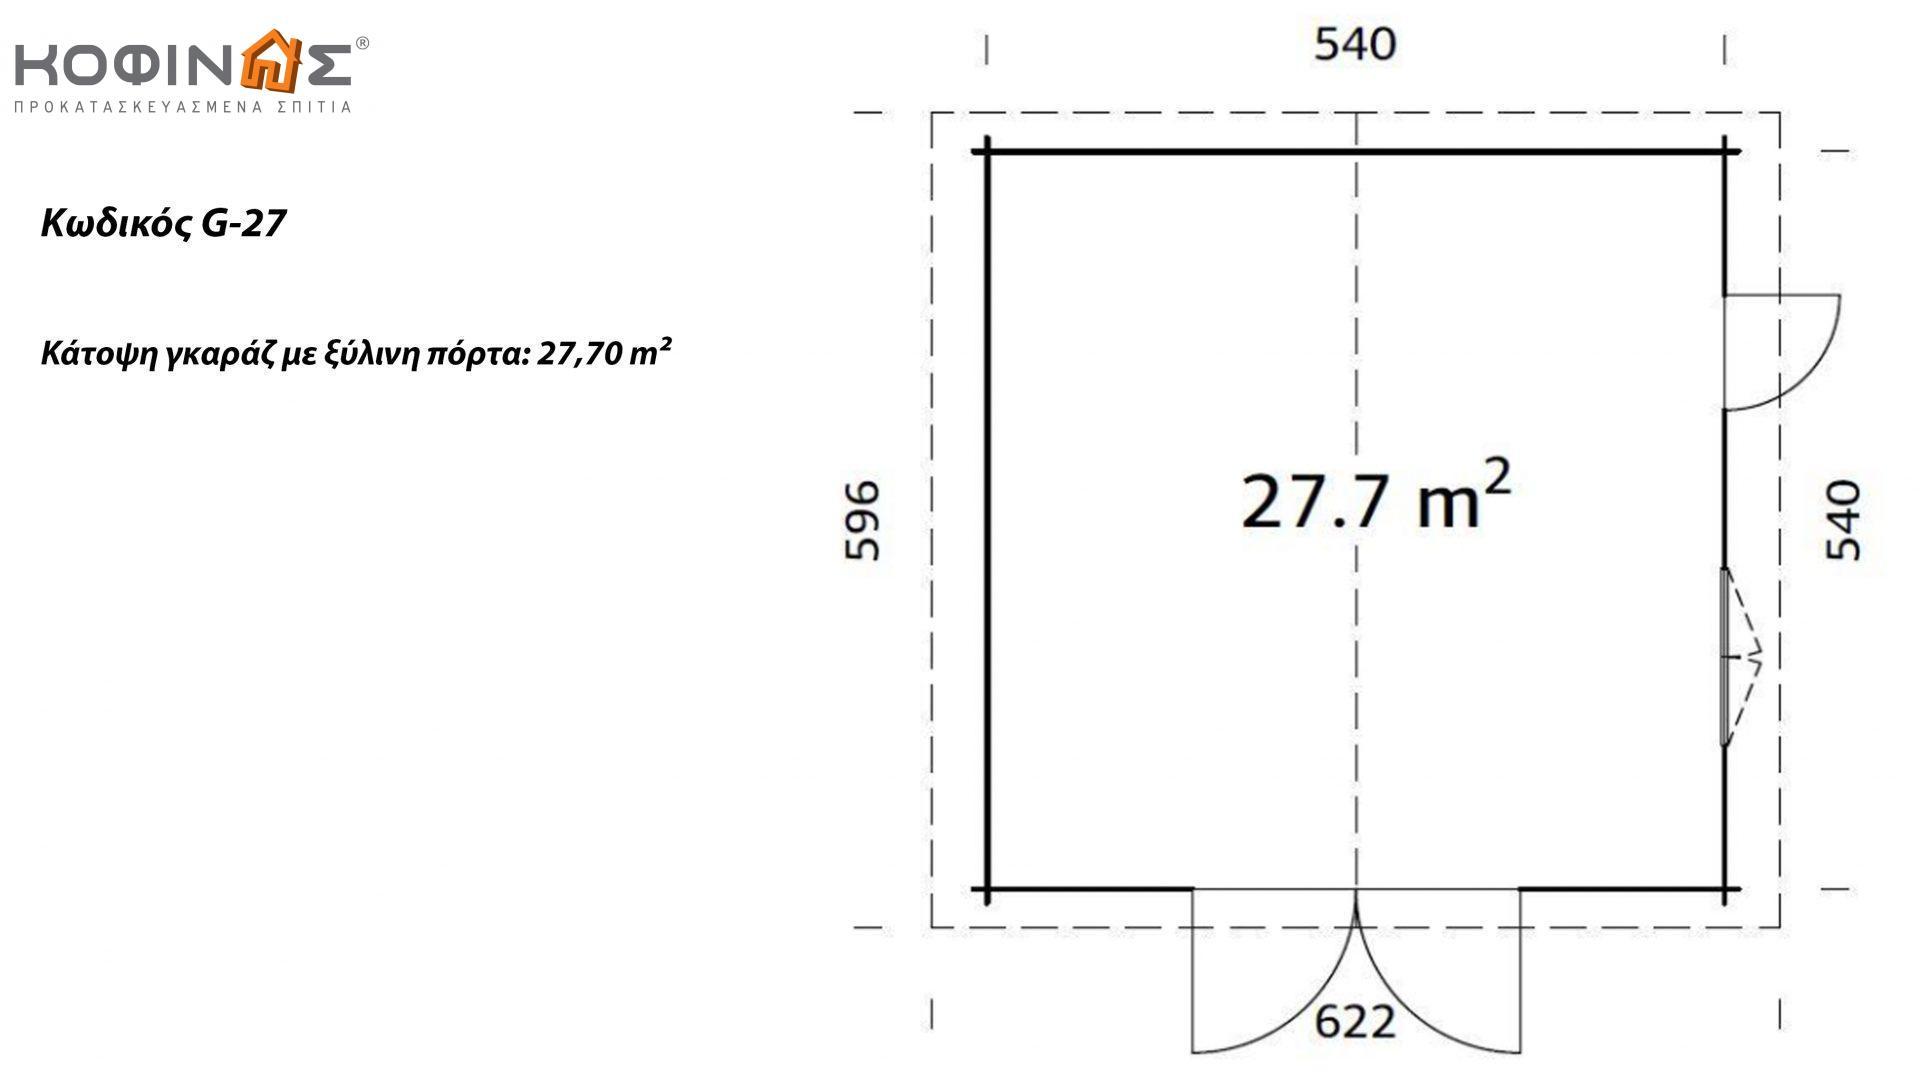 Γκαράζ G-27, συνολικής επιφάνειας 27.70 τ.μ.